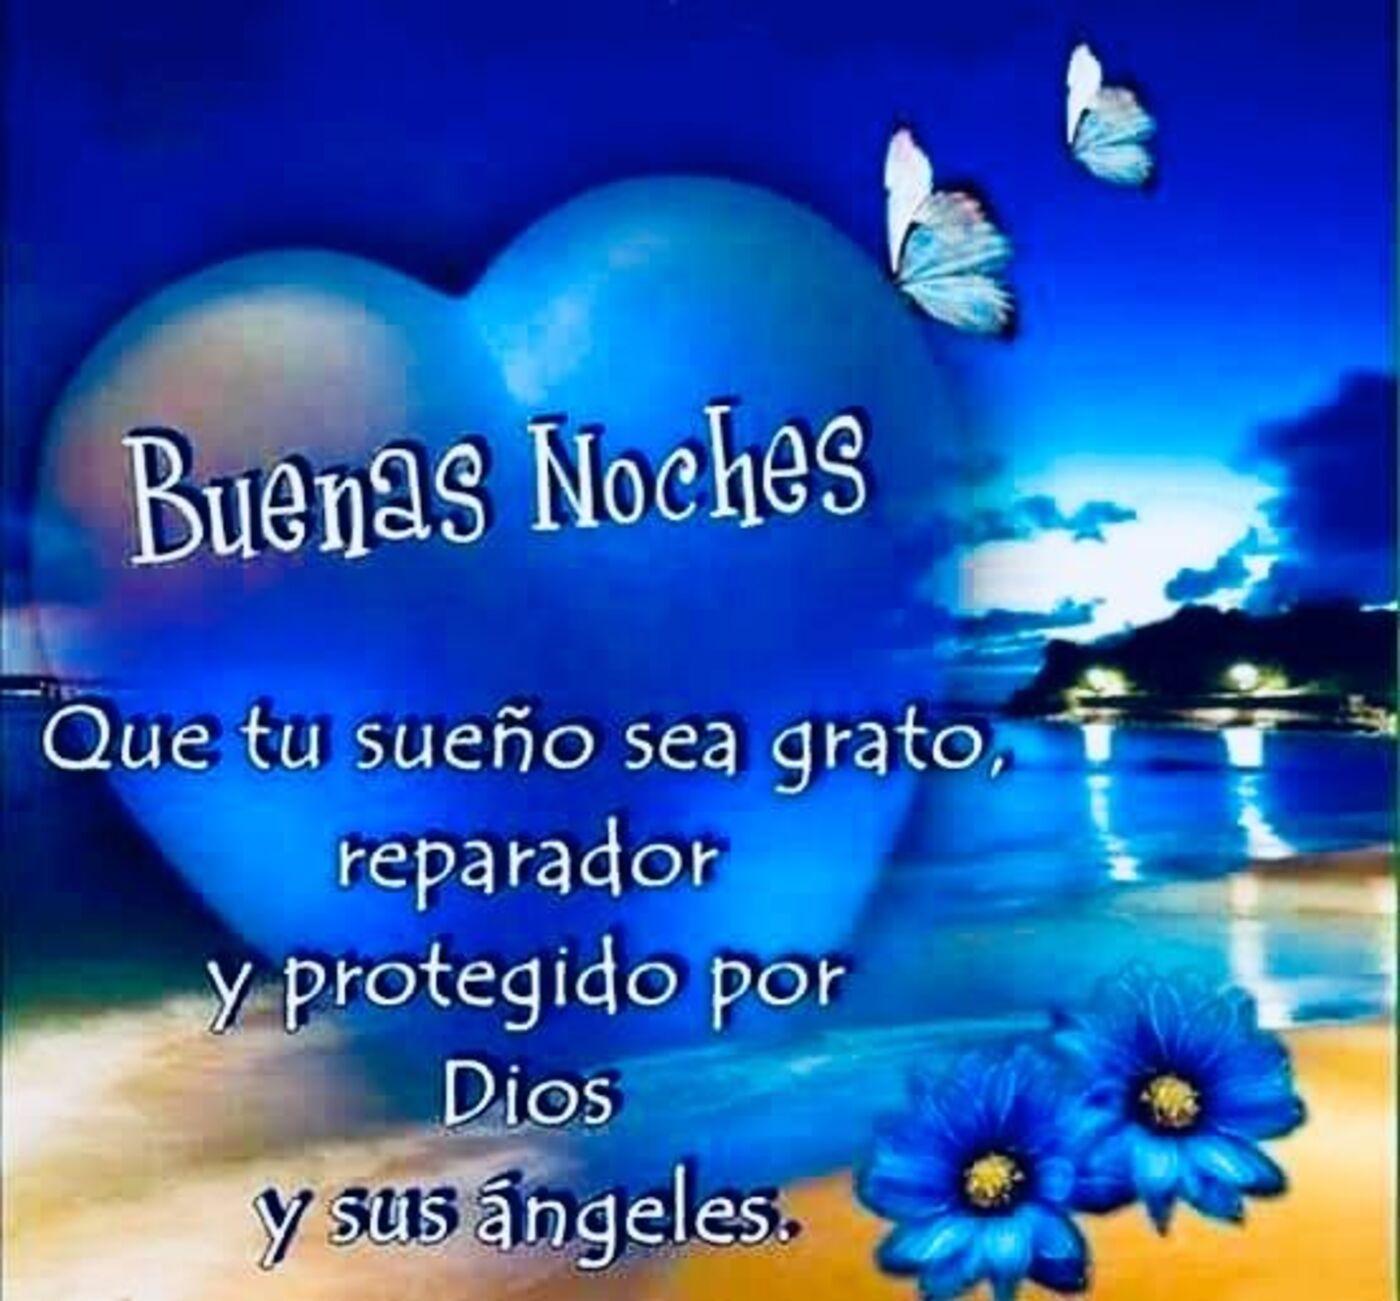 Buenas noches que tu sueño sea grato, reparador y protegido por Dios y sus angeles